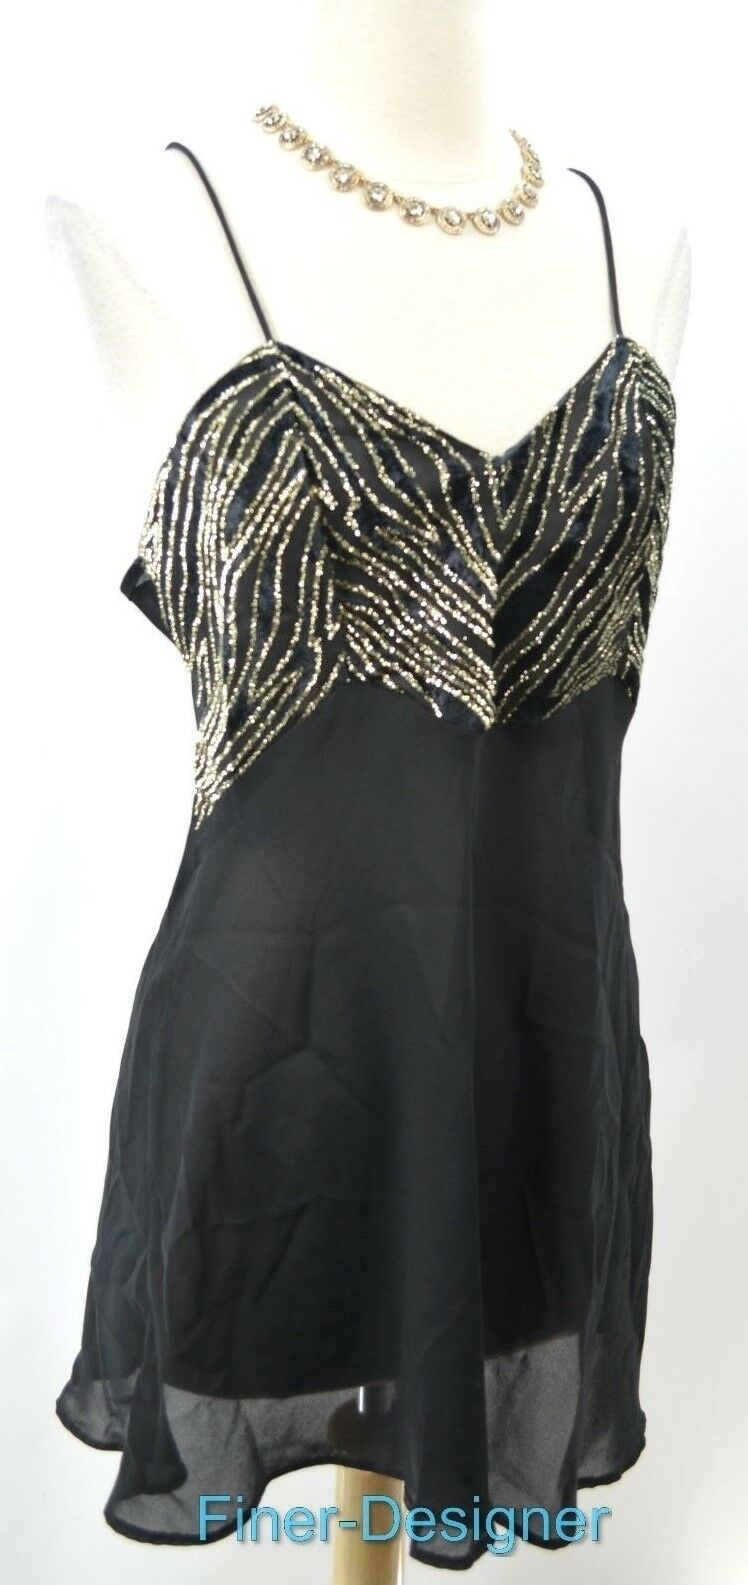 Cliche Couture nightgown Nightie Cami Sexy teddie teddy gold metallic Size M NEW